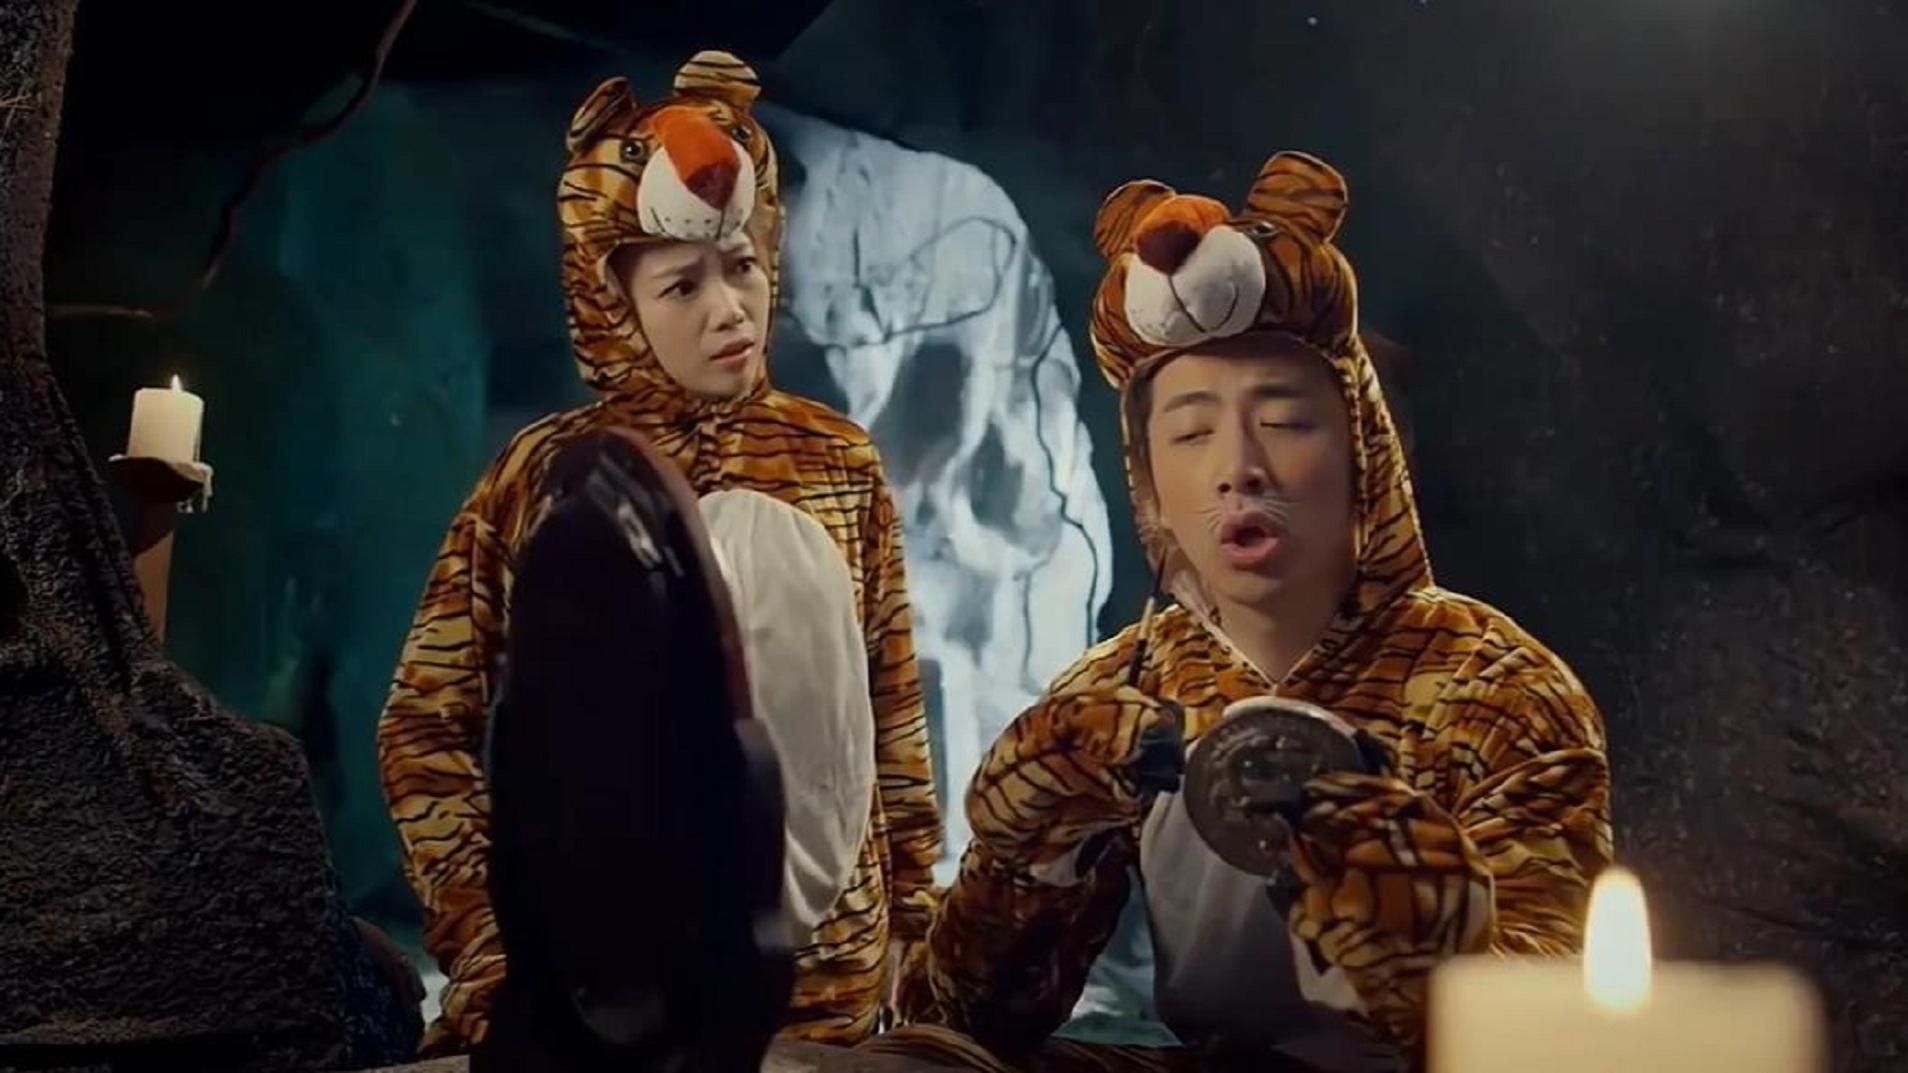 6版武松打虎,2020版最凶猛,还有拍摄用真老虎的